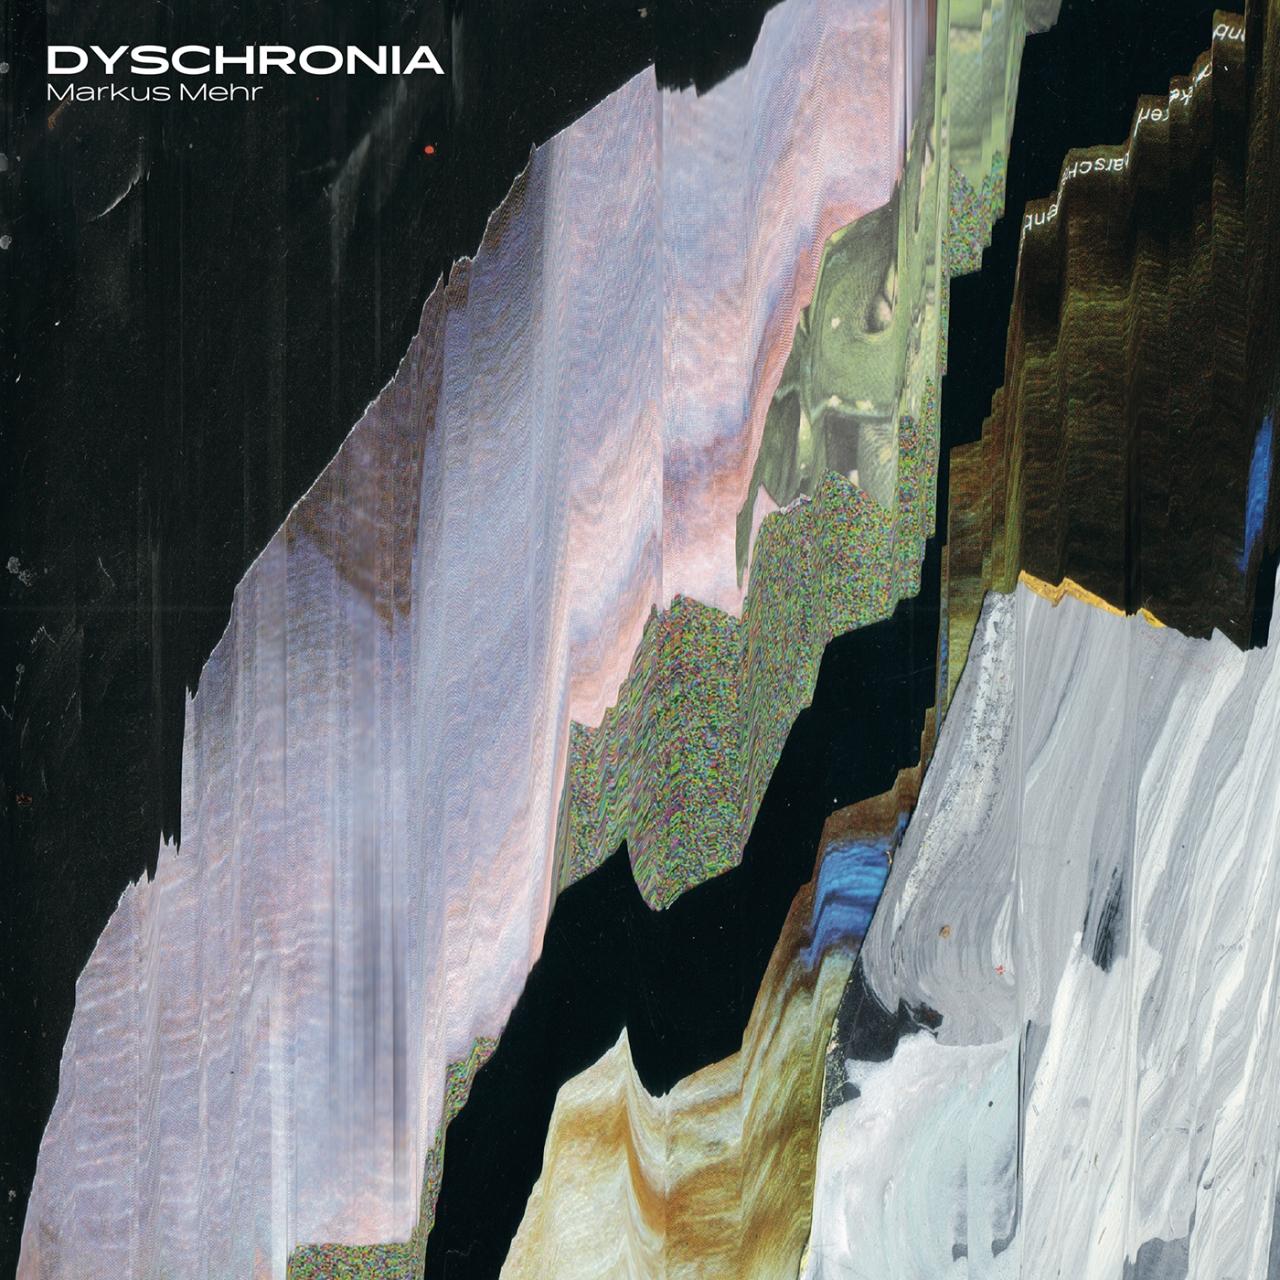 Markus Mehr ~Dyschronia